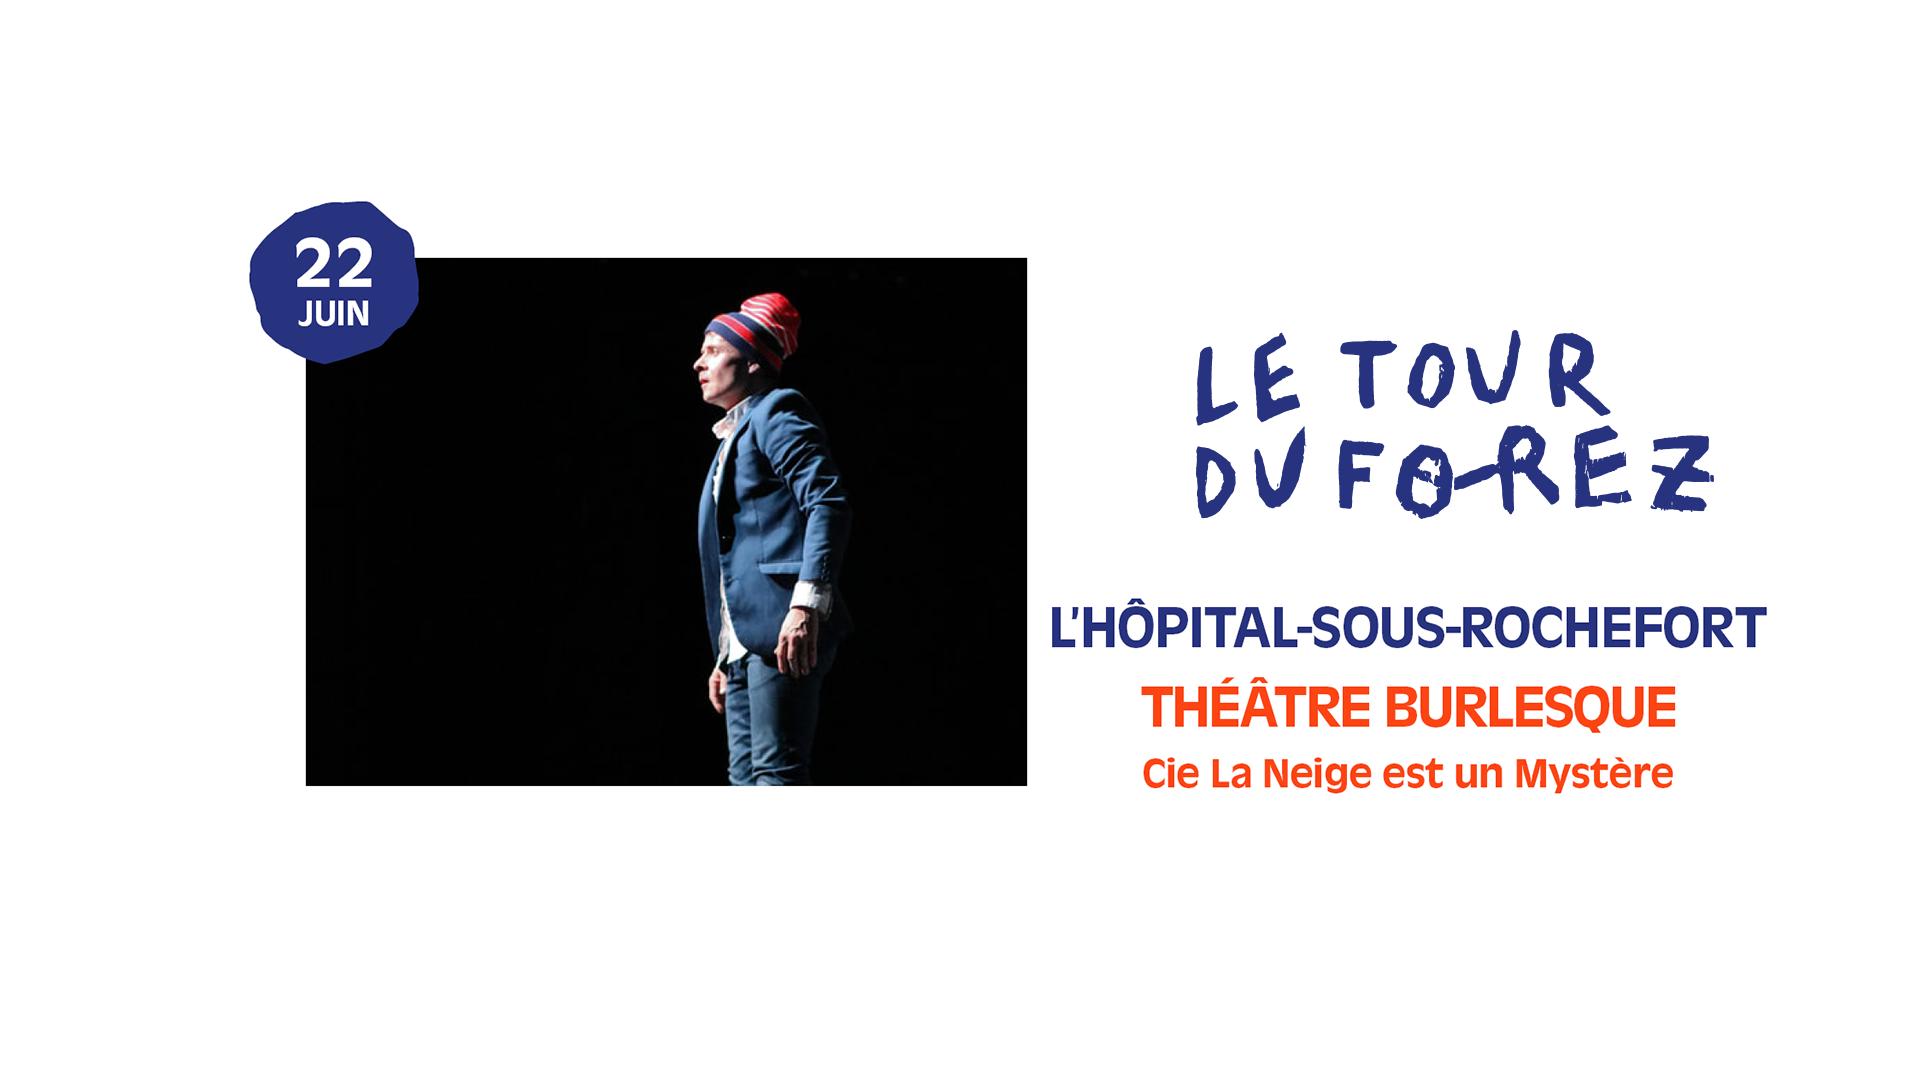 Théâtre burlesque